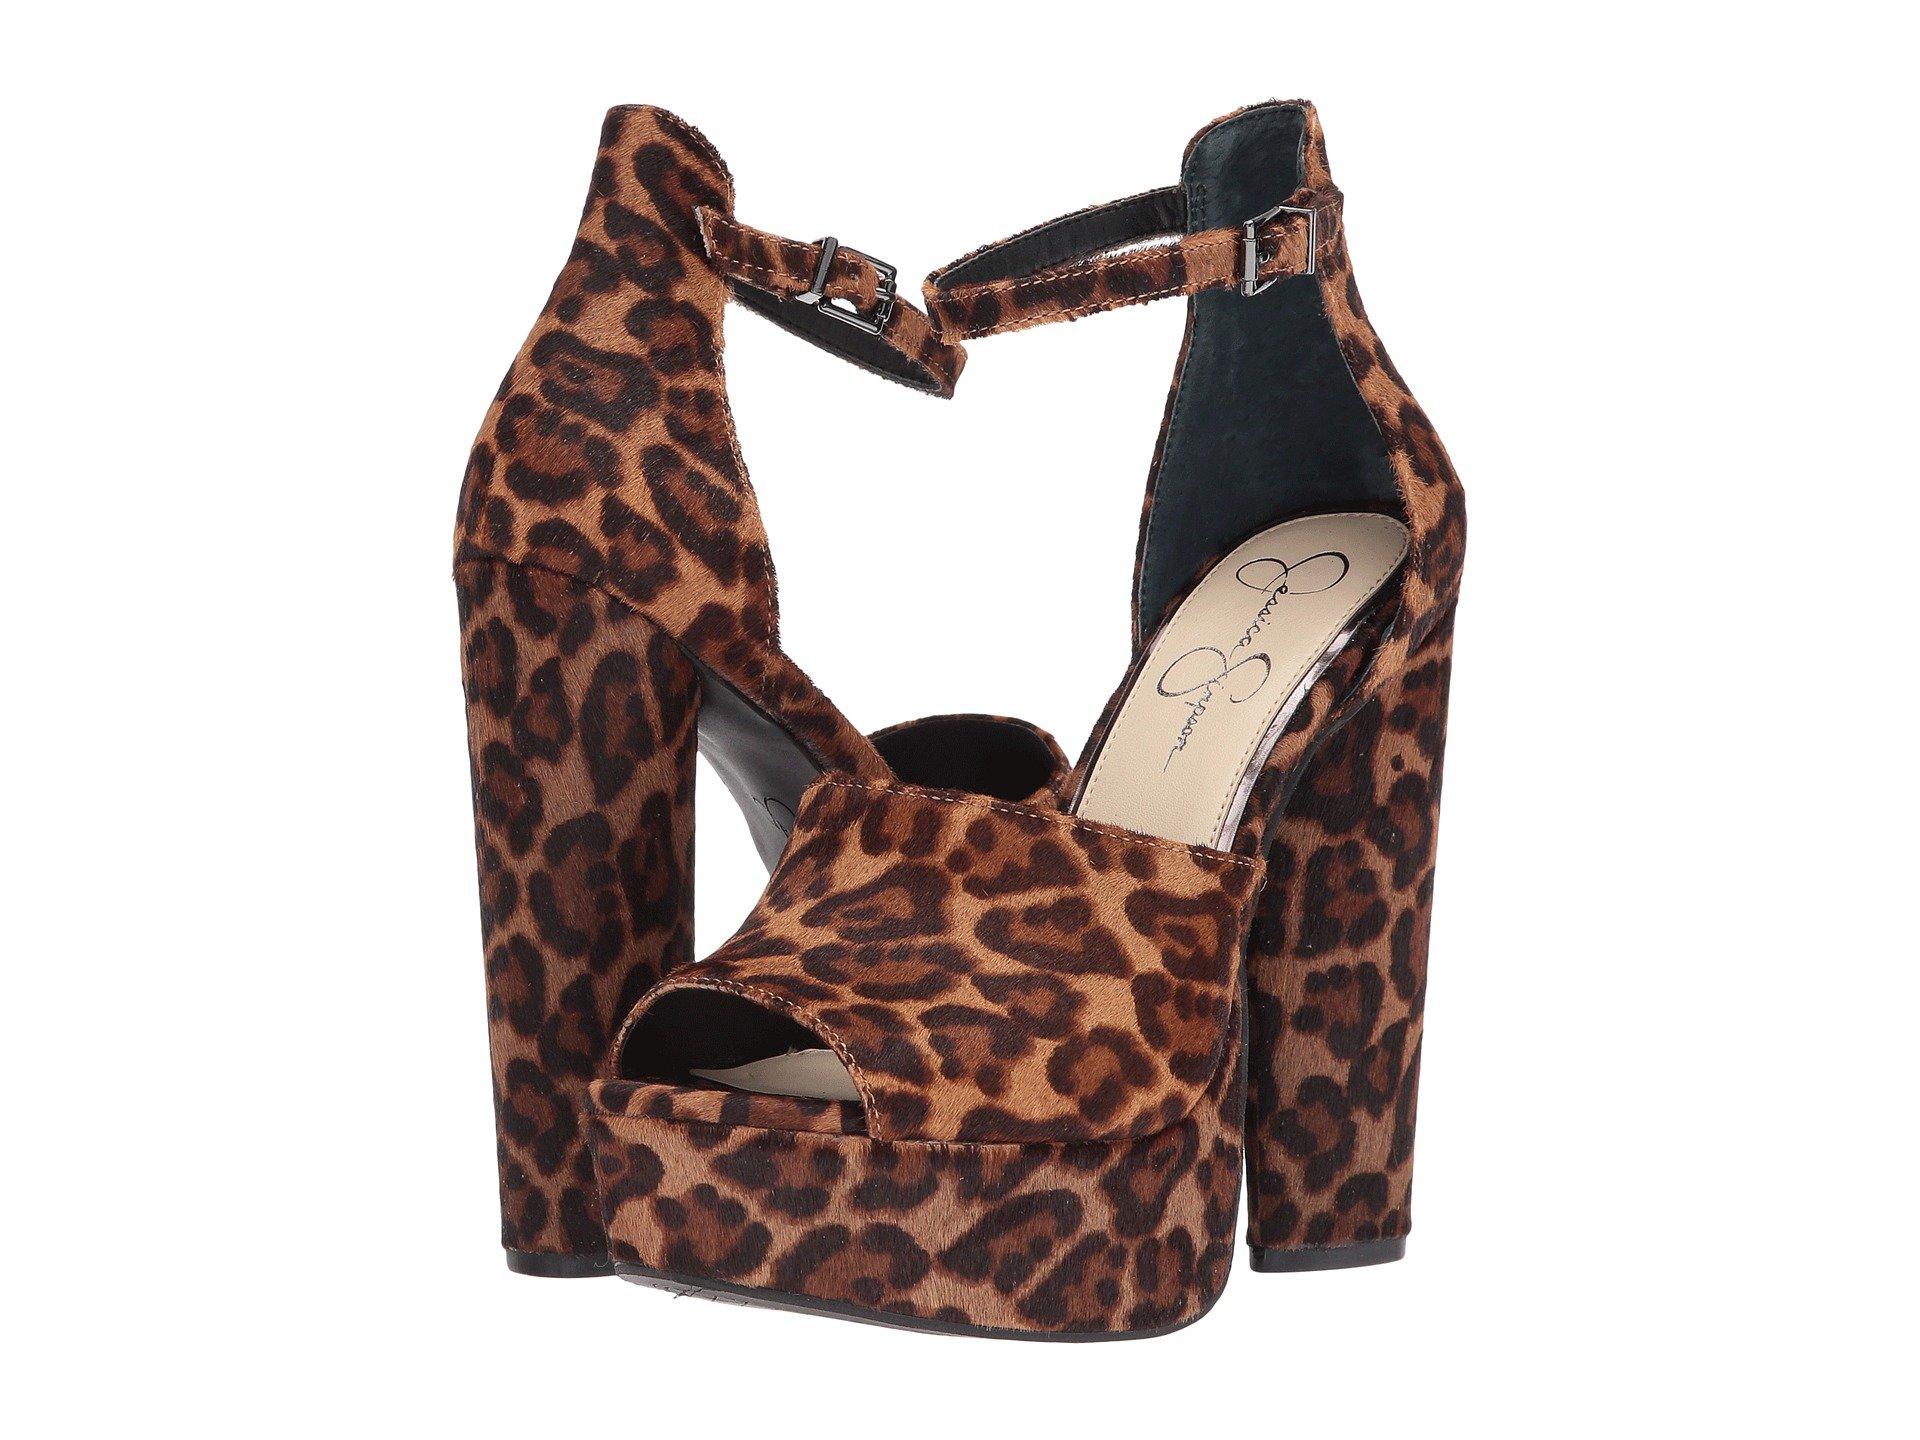 jessica simpson leopard pumps